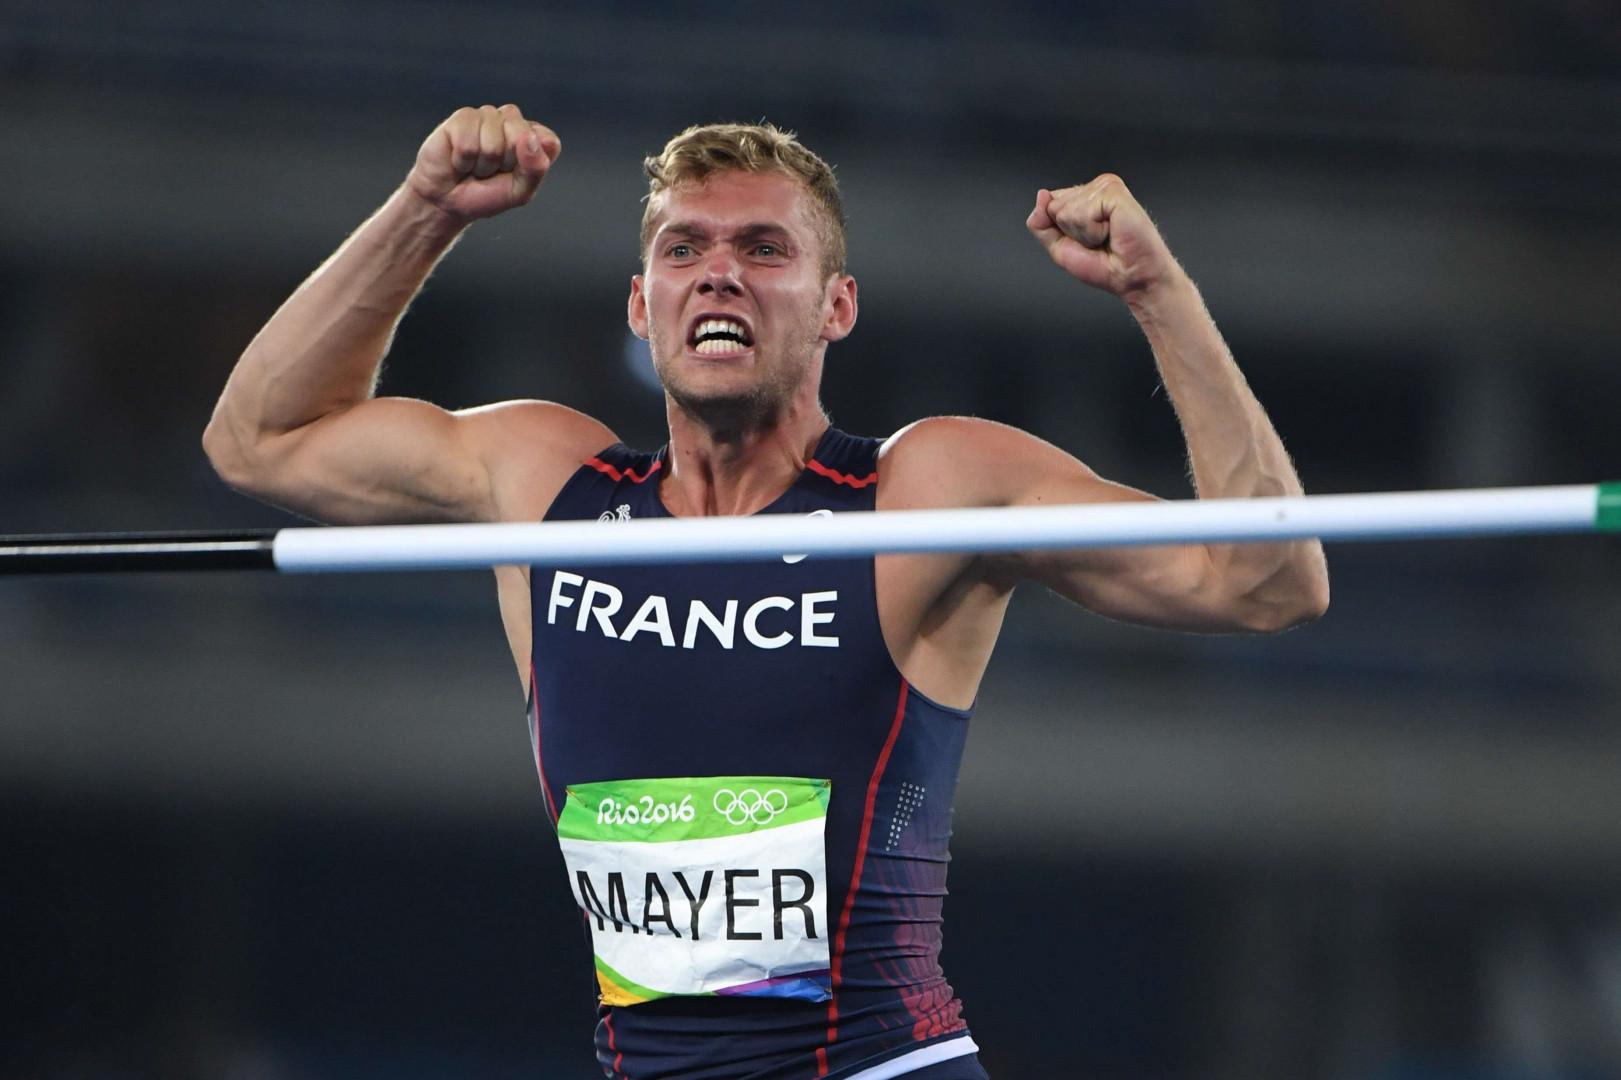 Kévin Mayer le 17 août lors de l'épreuve de saut en hauteur du décathlon.